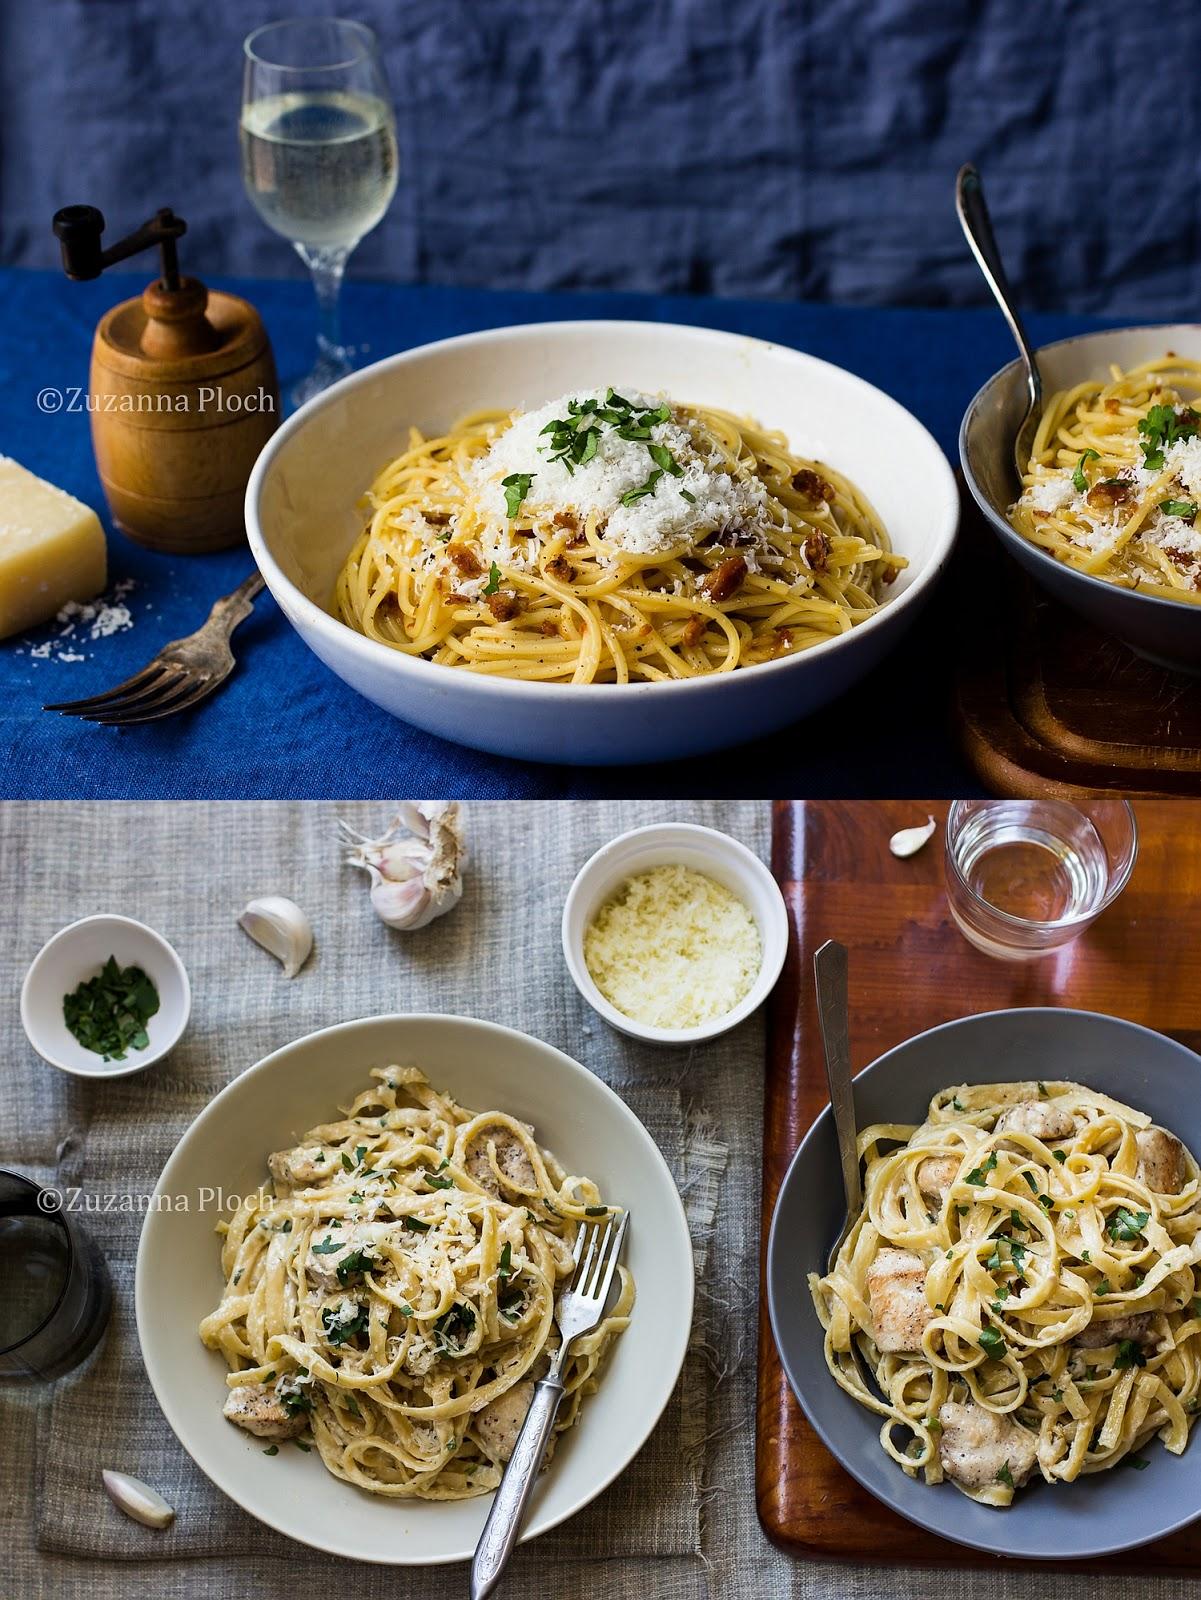 Włoskie przepisy - zdjęcia potraw i z procesu przygotowania